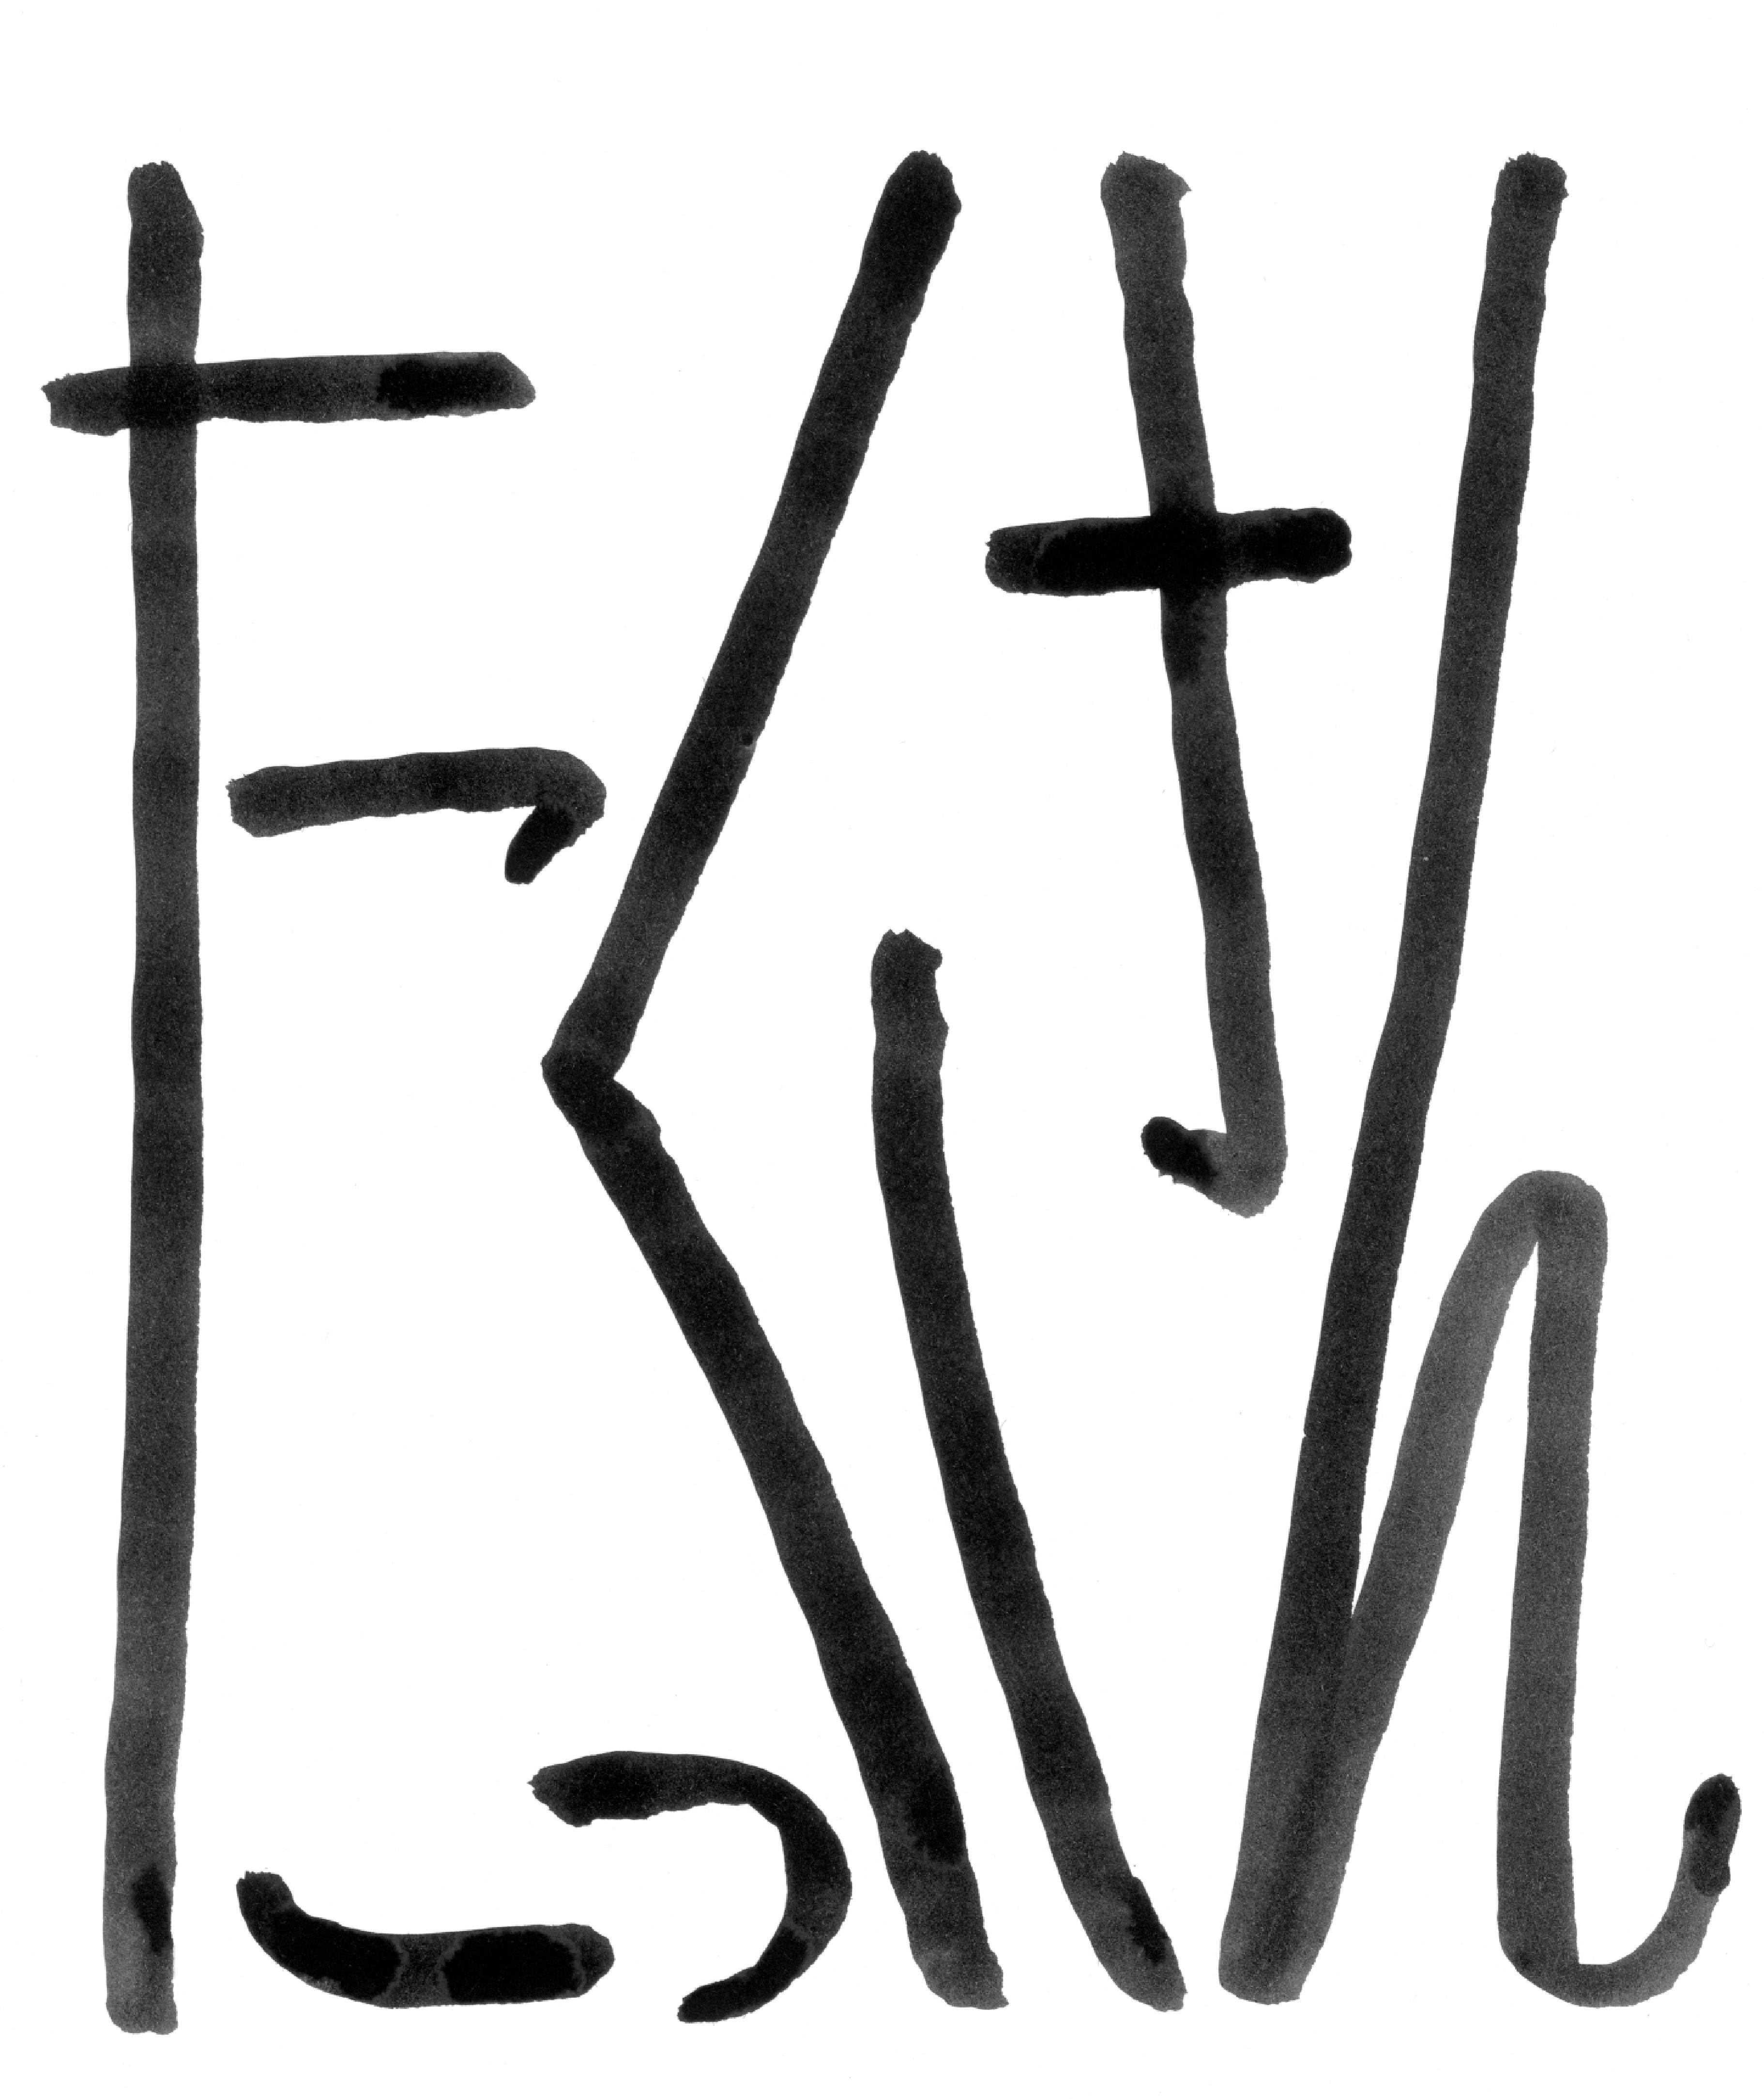 たっくさん、の文字。スミで描かれている